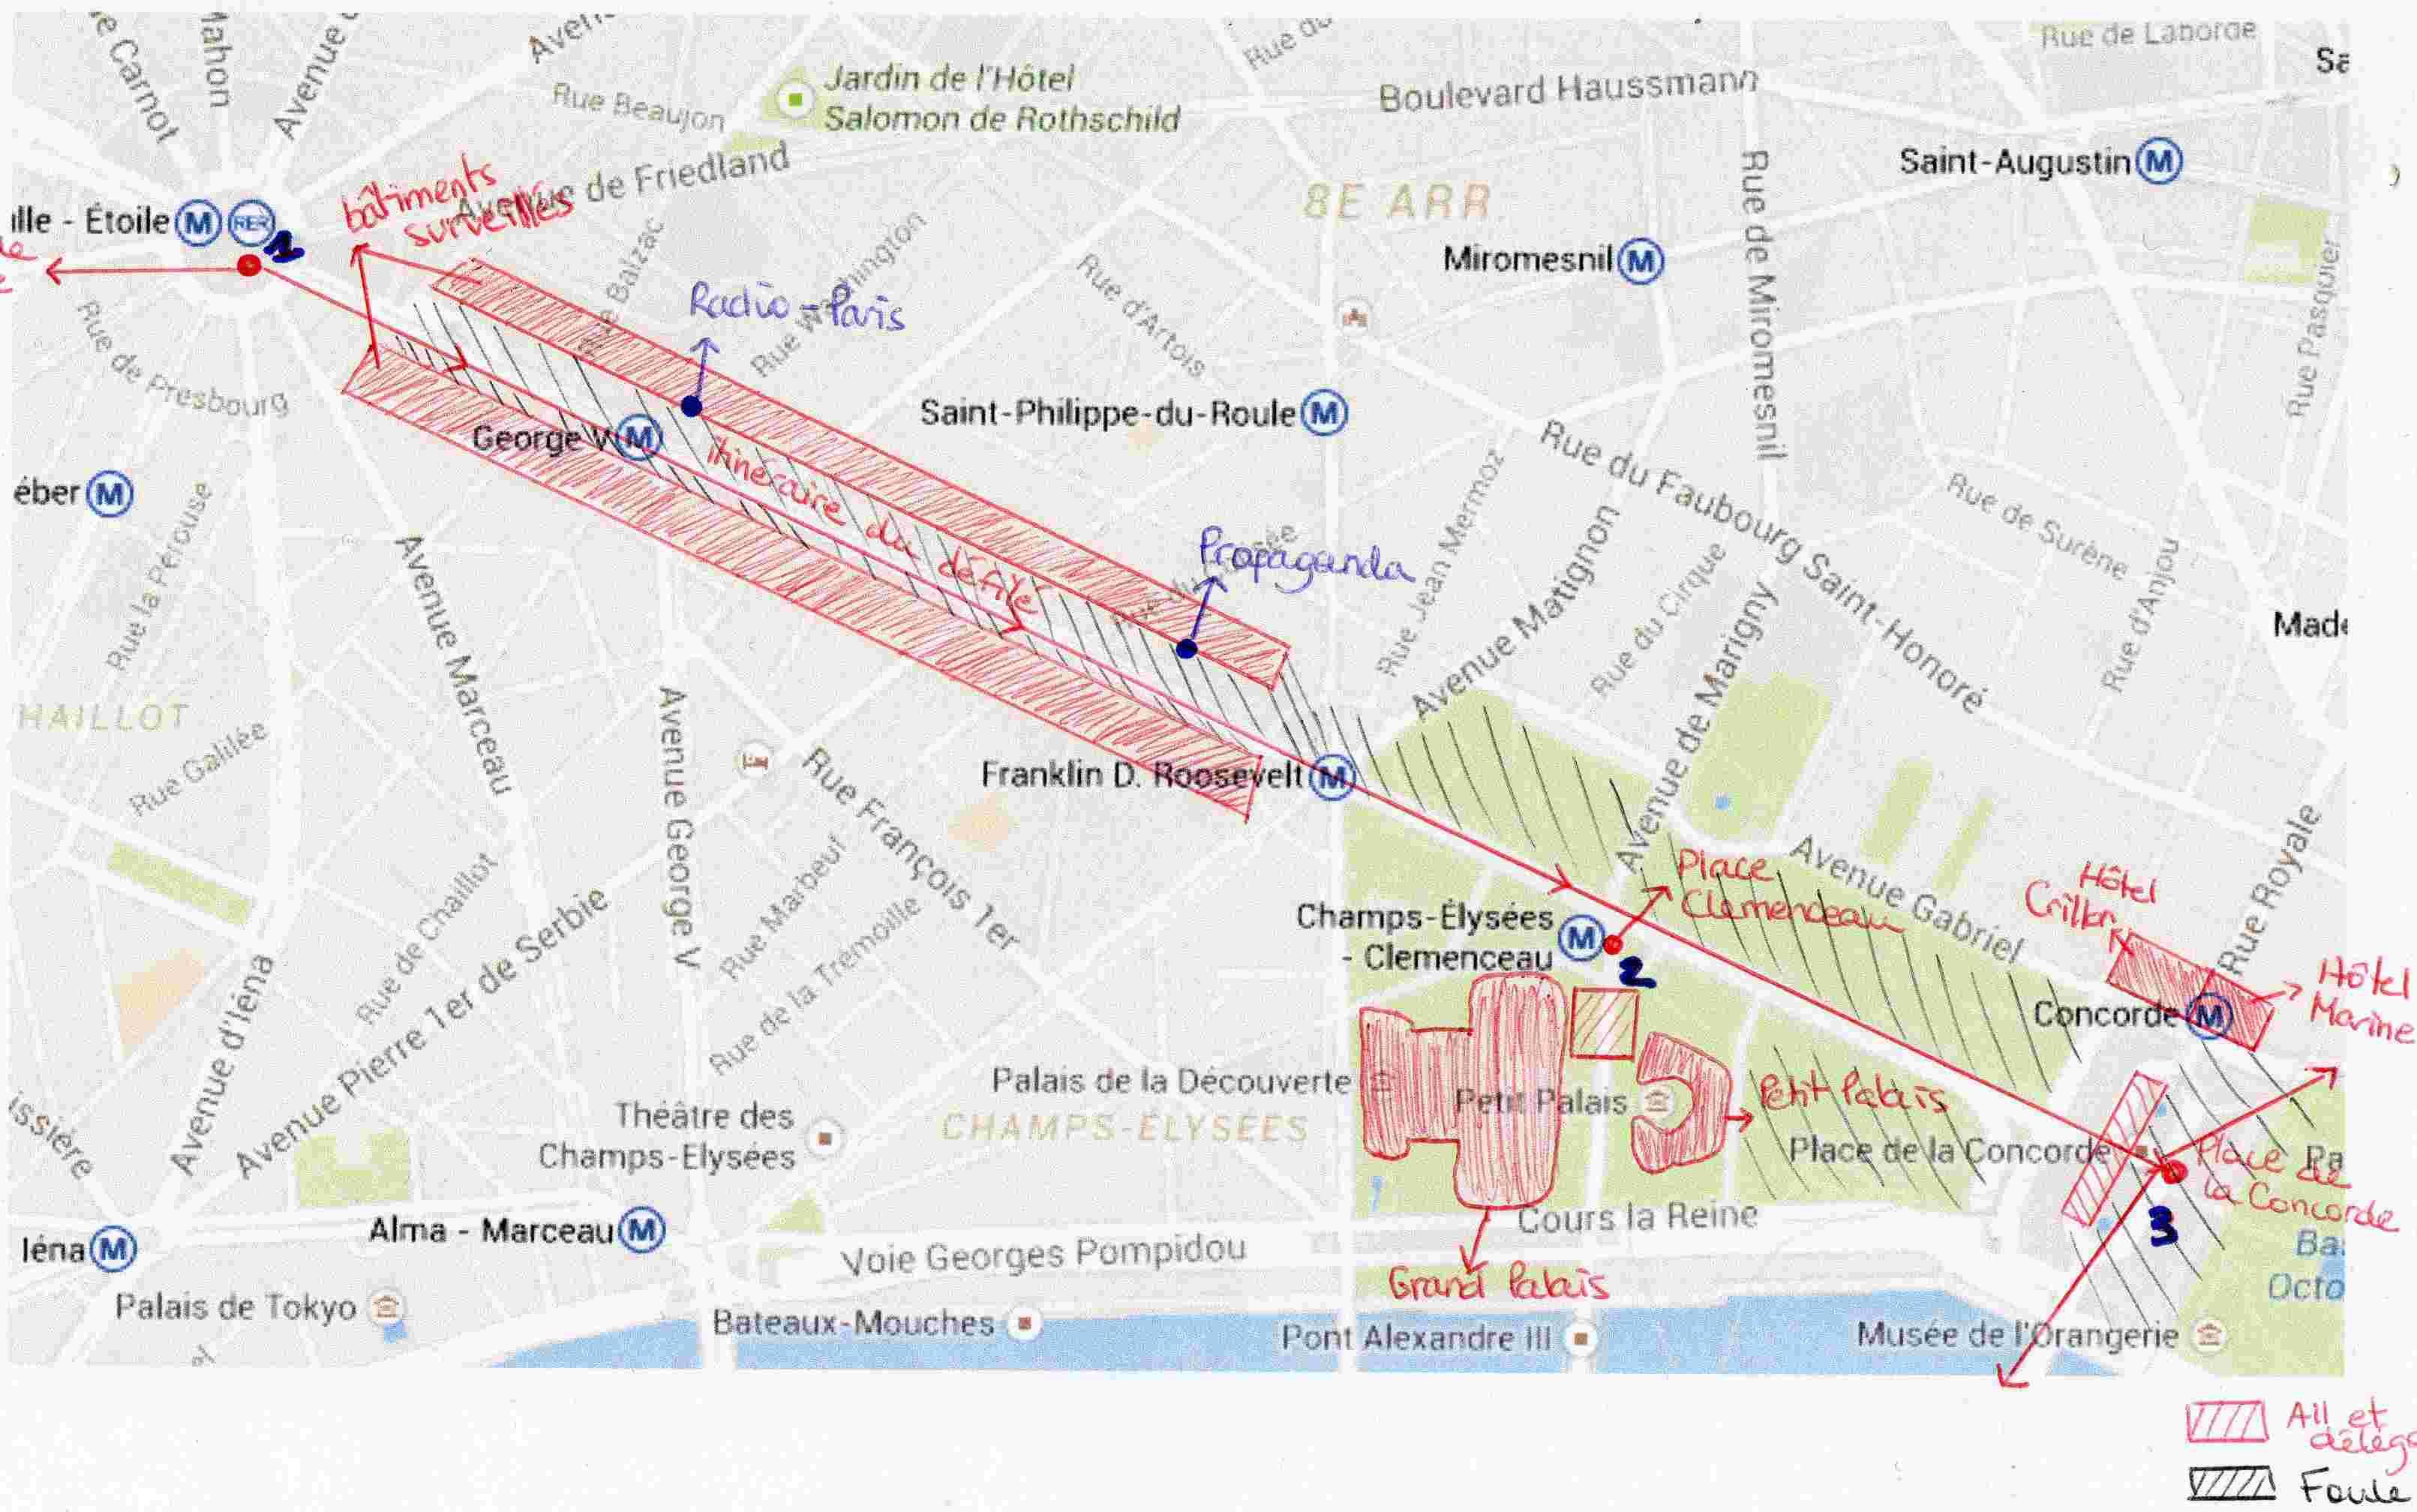 [INTRIGUE GÉNÉRALE] Le défilé (explosif) des Champs-Élysées Planyt11